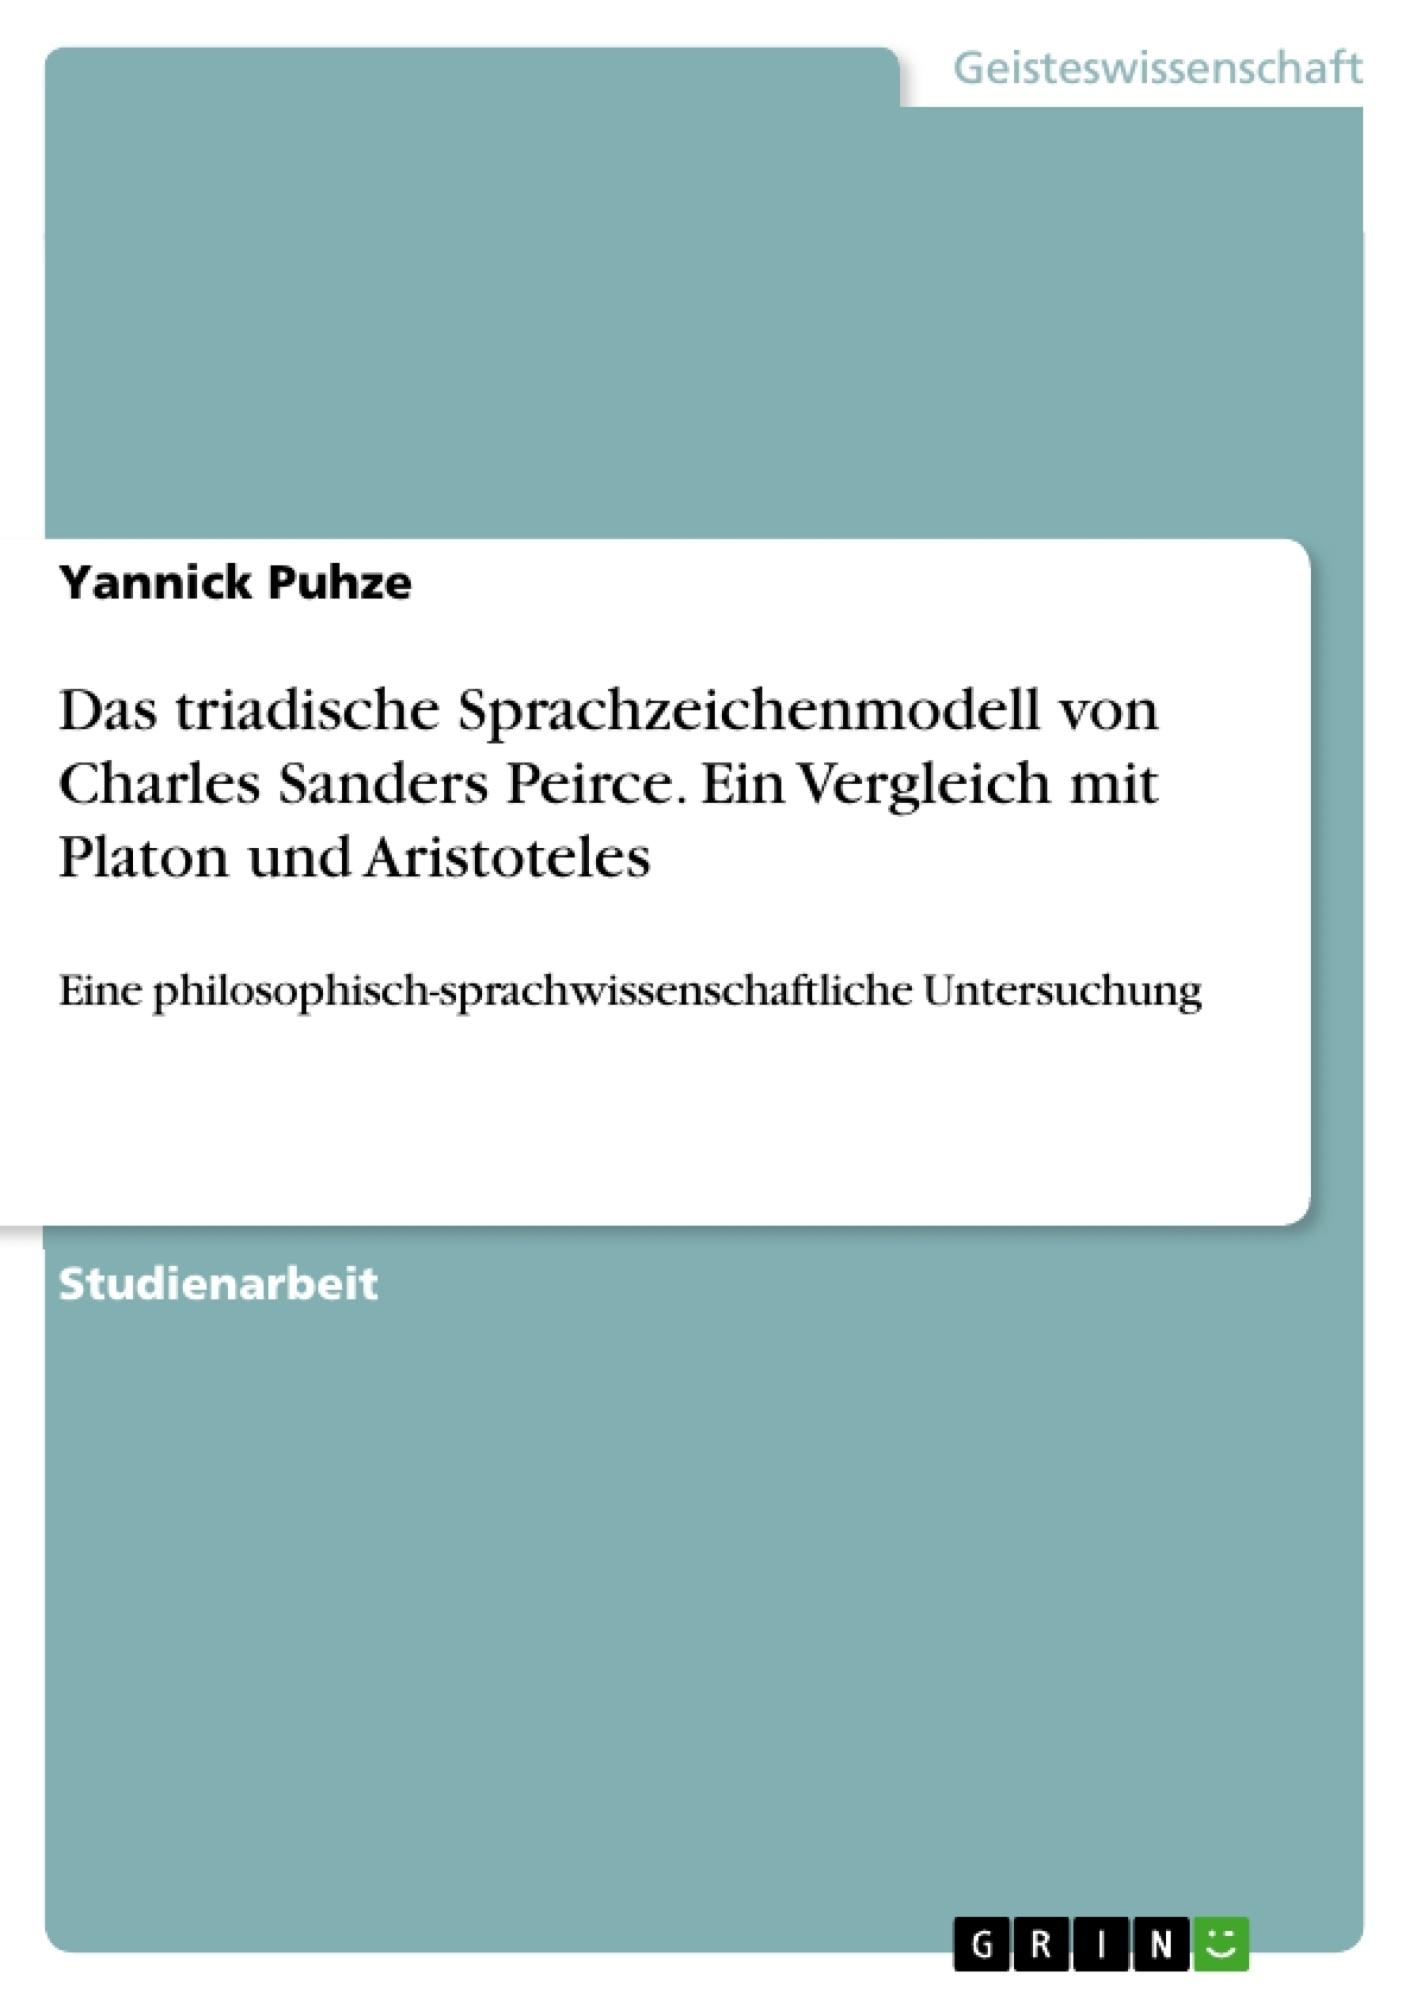 Titel: Das triadische Sprachzeichenmodell von Charles Sanders Peirce. Ein Vergleich mit Platon und Aristoteles